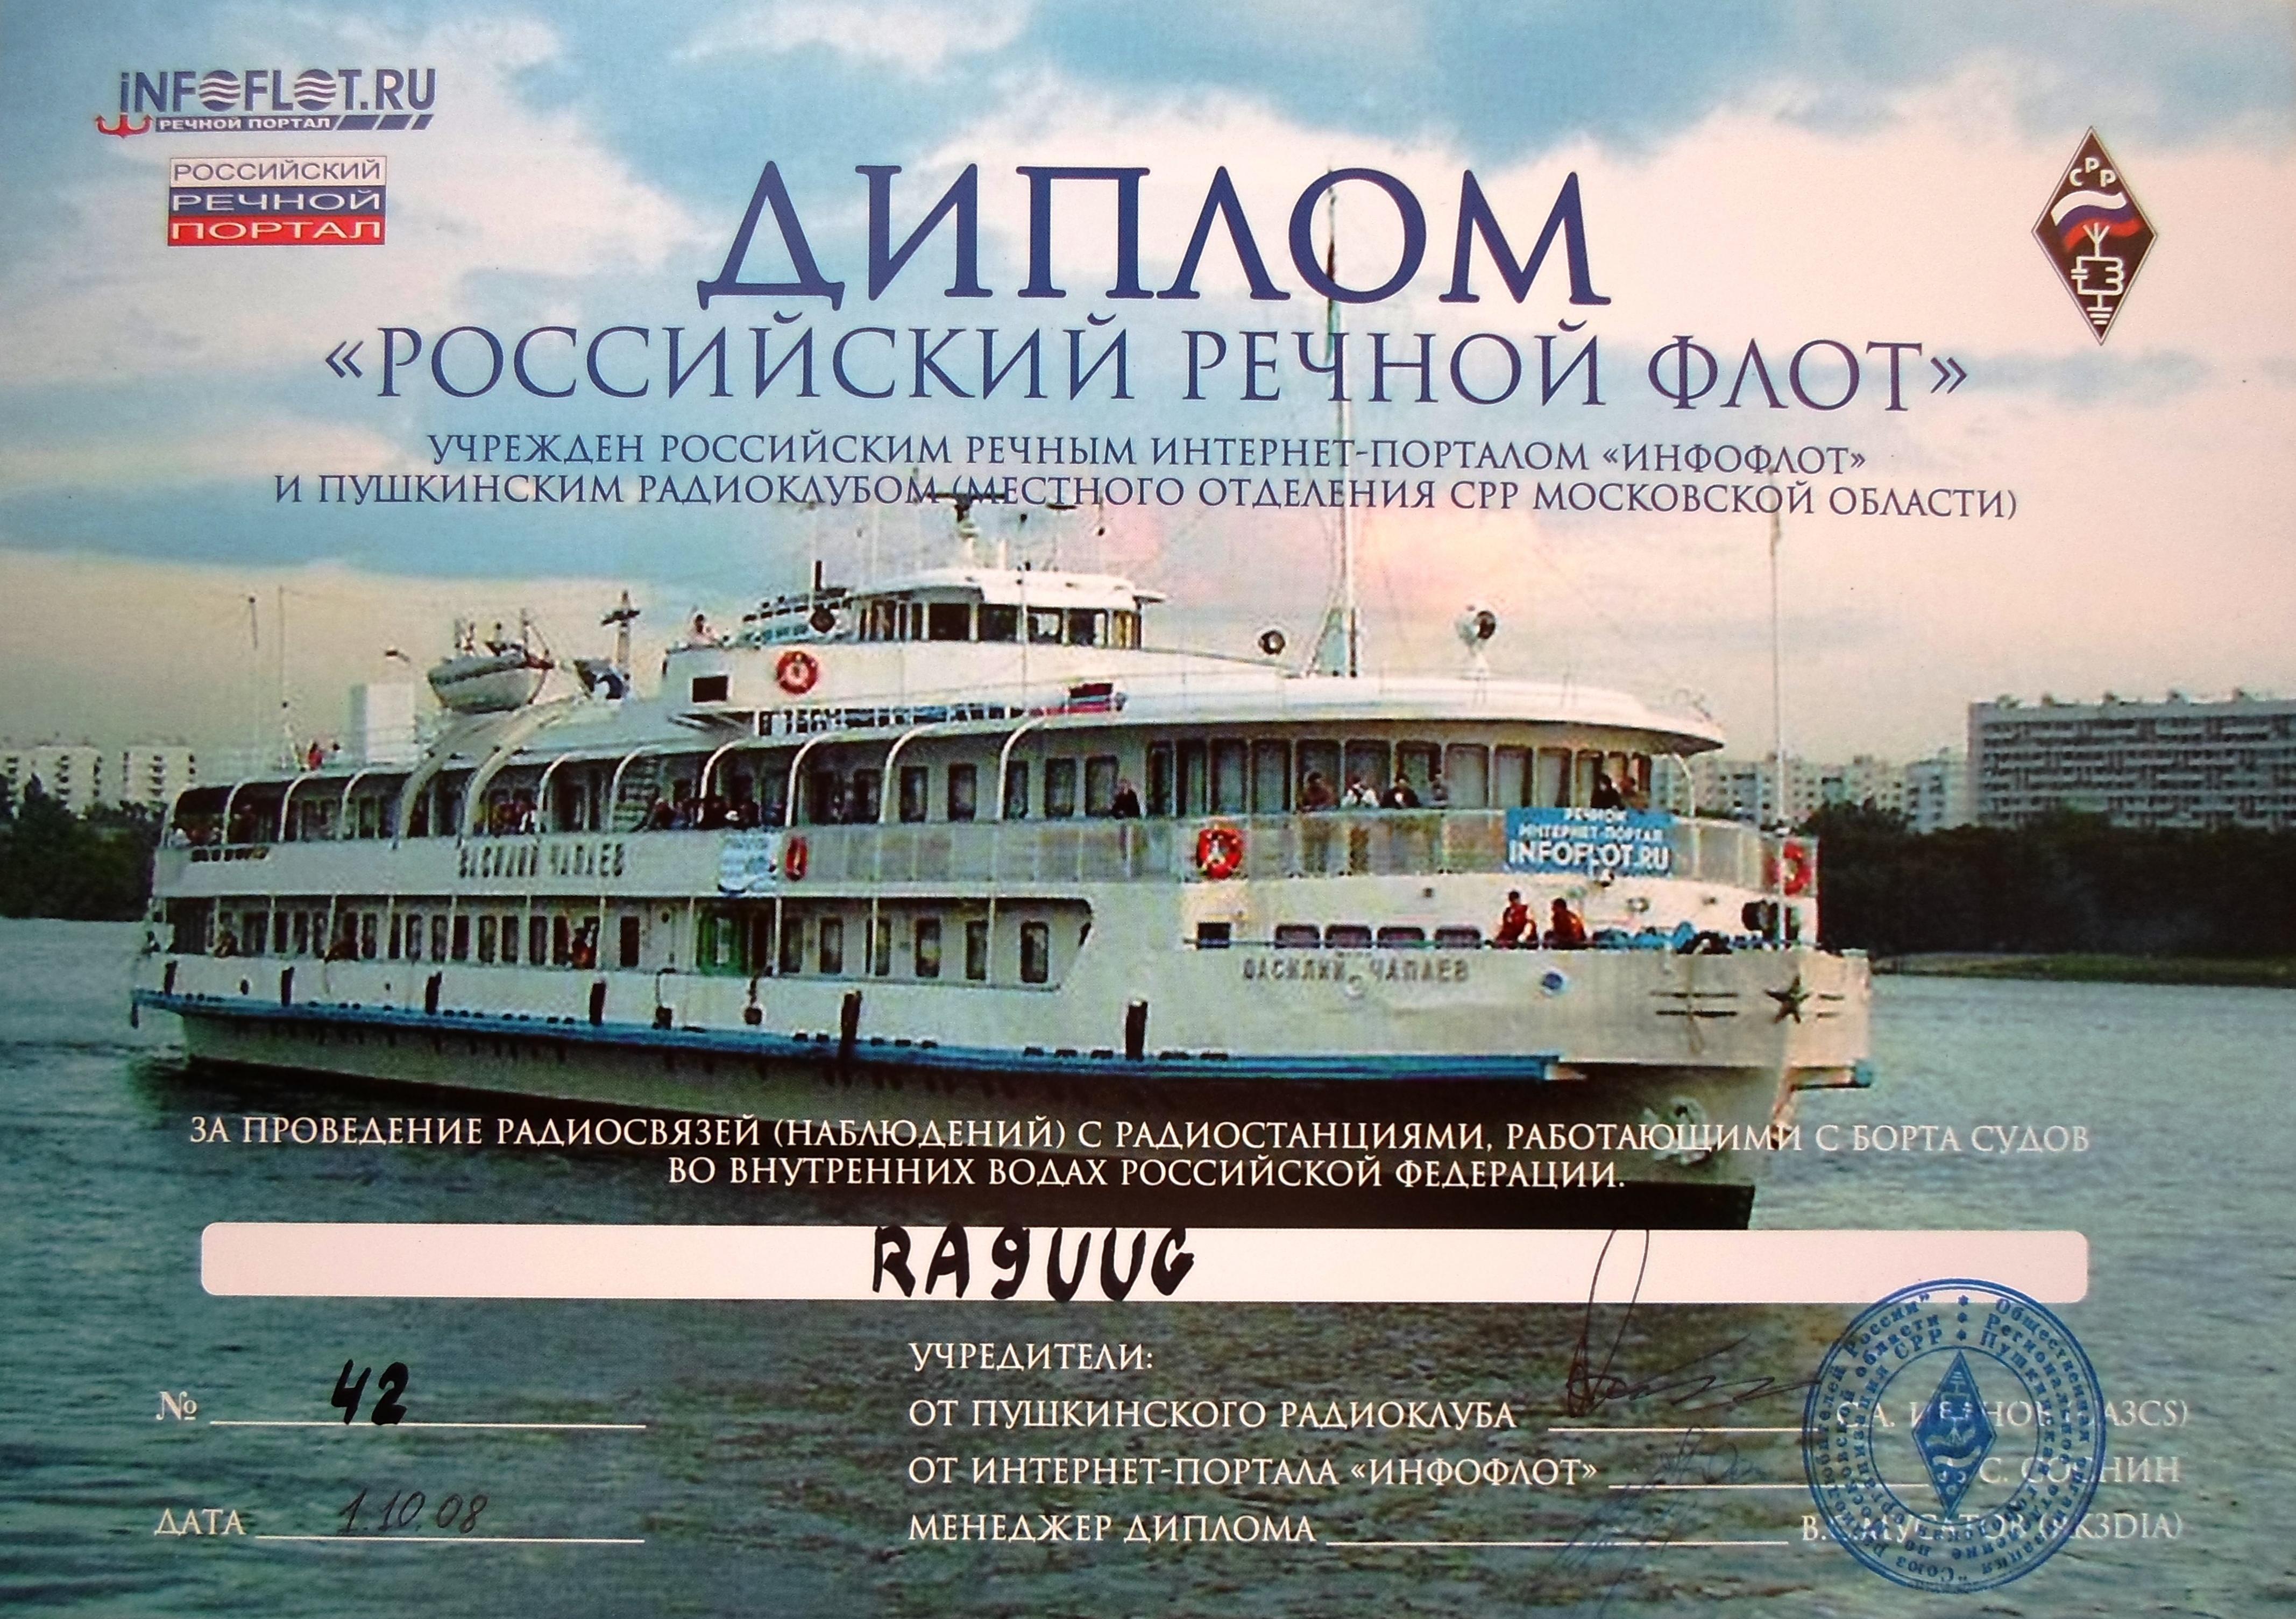 Нажмите на изображение для увеличения.  Название:4 Российский реч.&.jpg Просмотров:242 Размер:1.34 Мб ID:126184